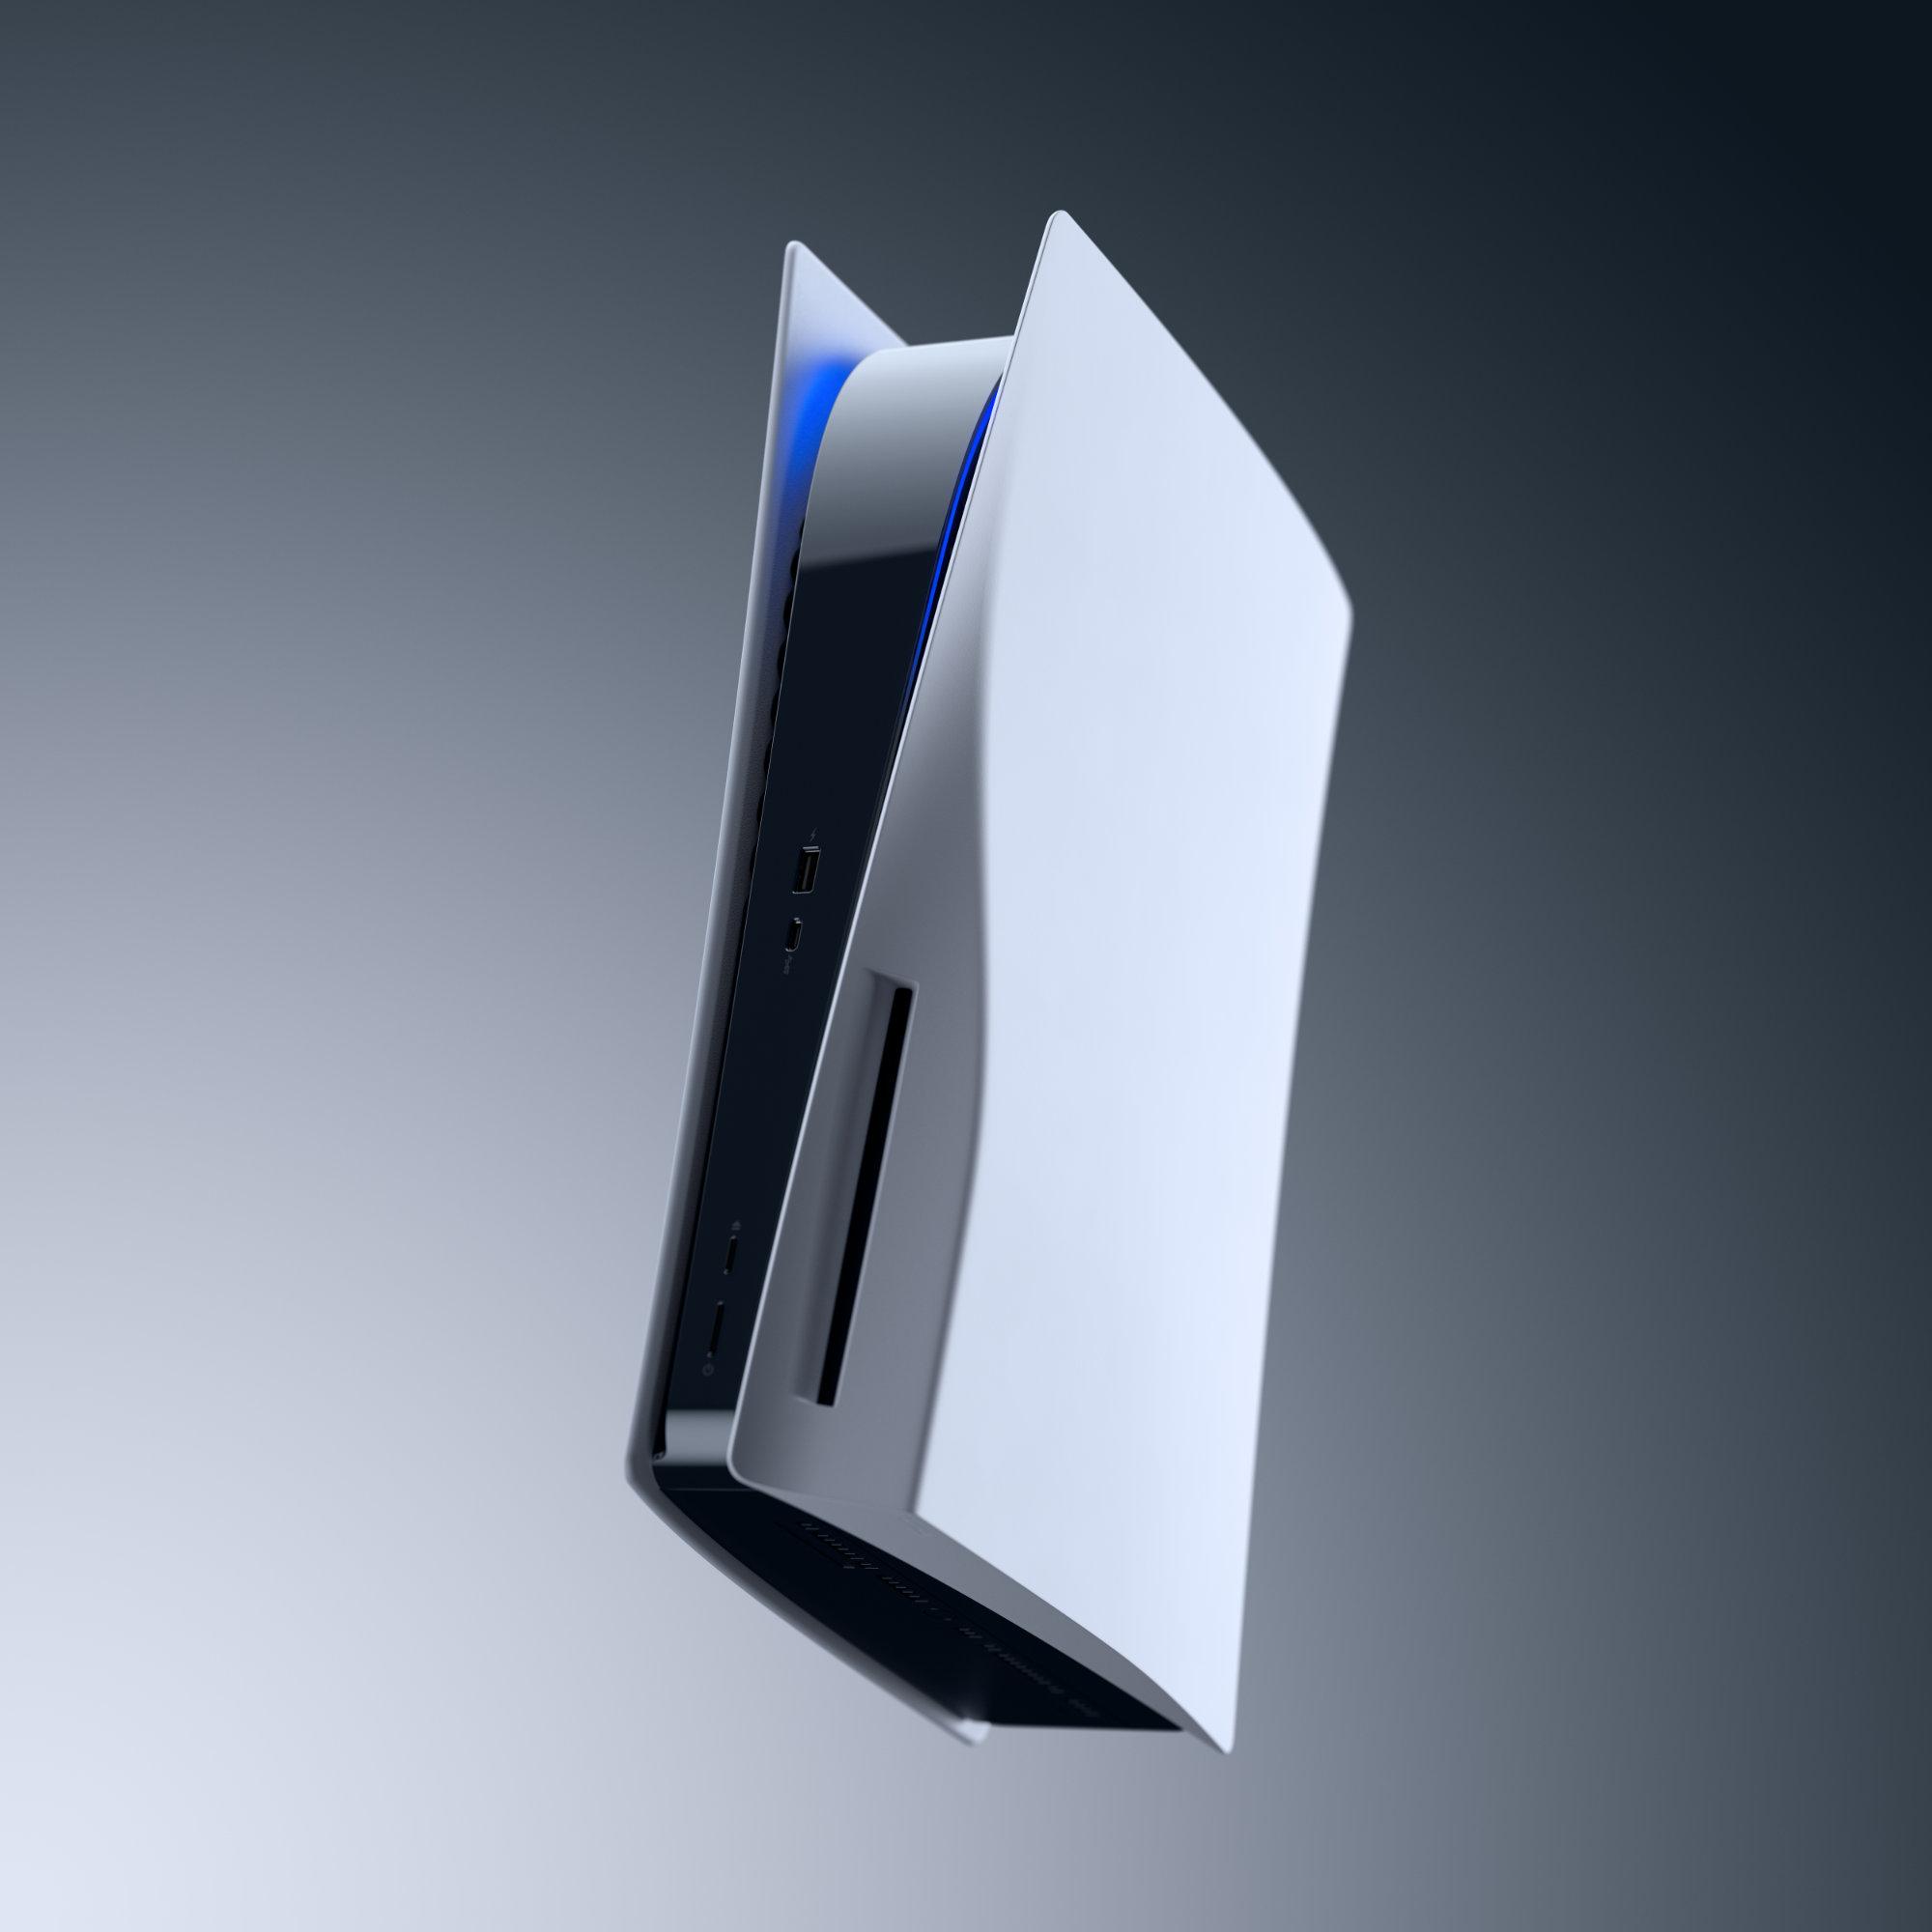 PS5 : il sera impossible de l'acheter en magasin le jour de la sortie